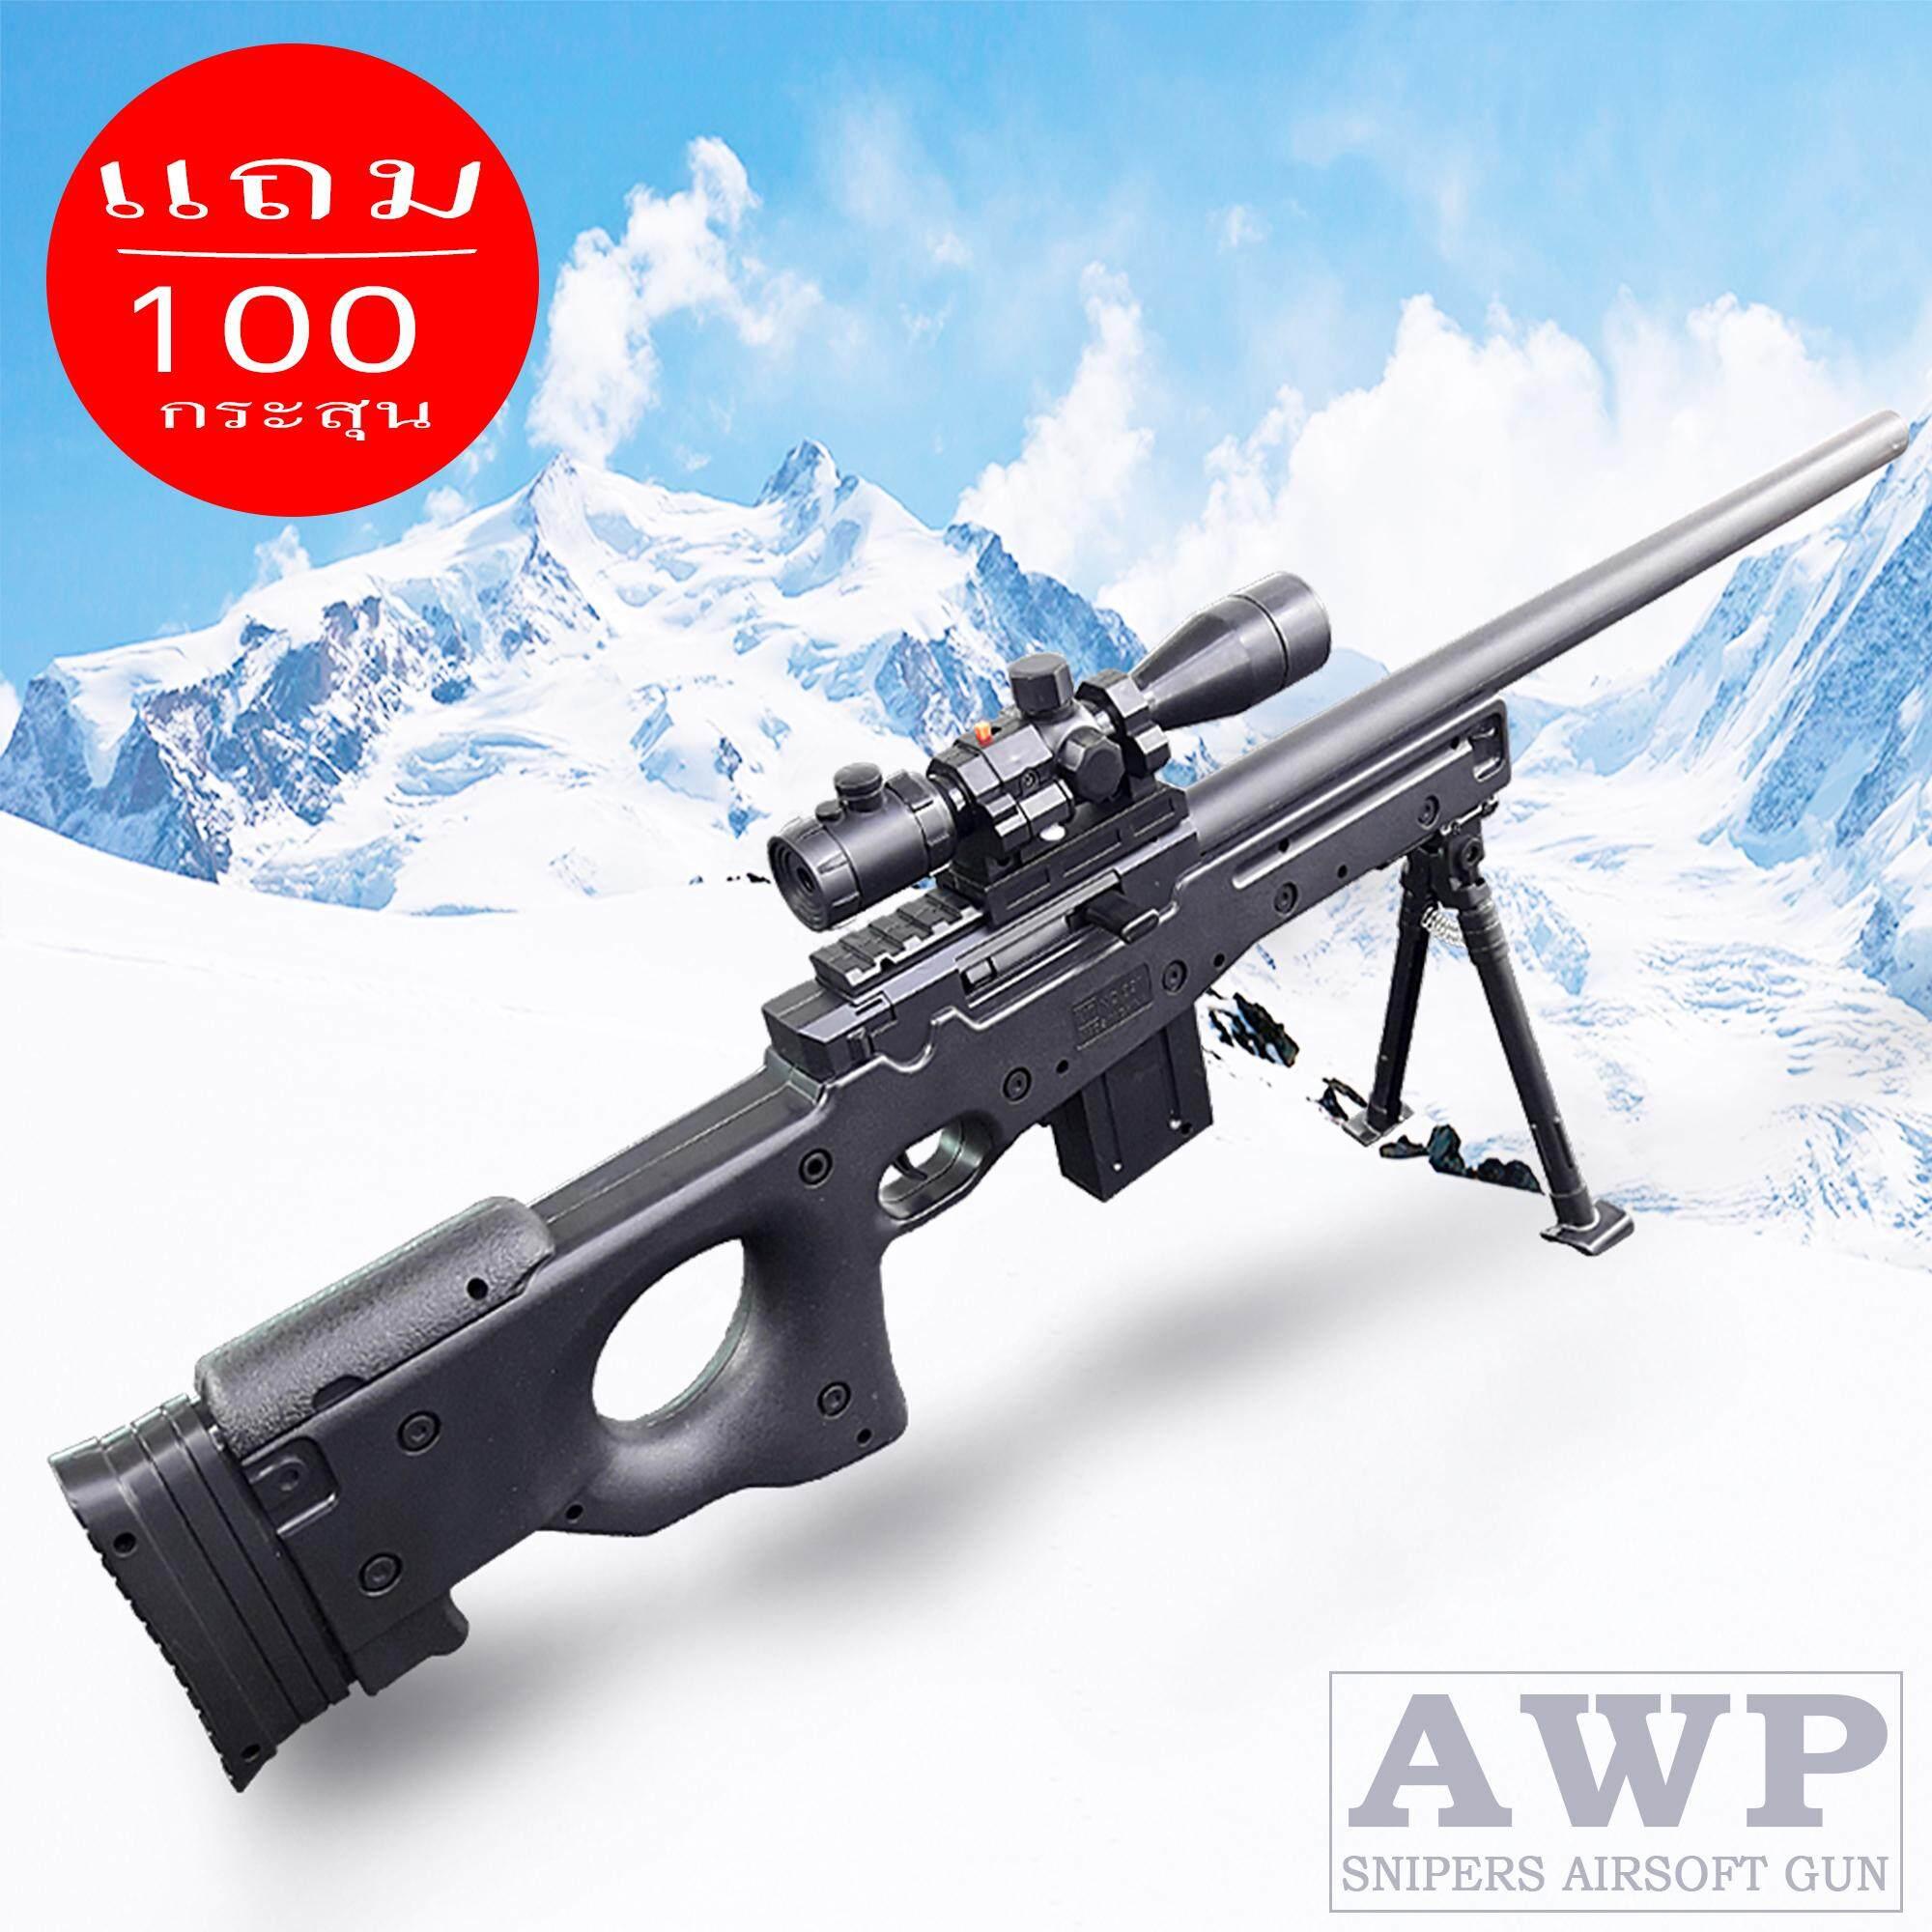 ปืนของเล่น ปืนอัดลม ปืนสไนเปอร์ ชักยิงง่าย บอดี้พลาสติกสีดำ งานสวยละเอียด